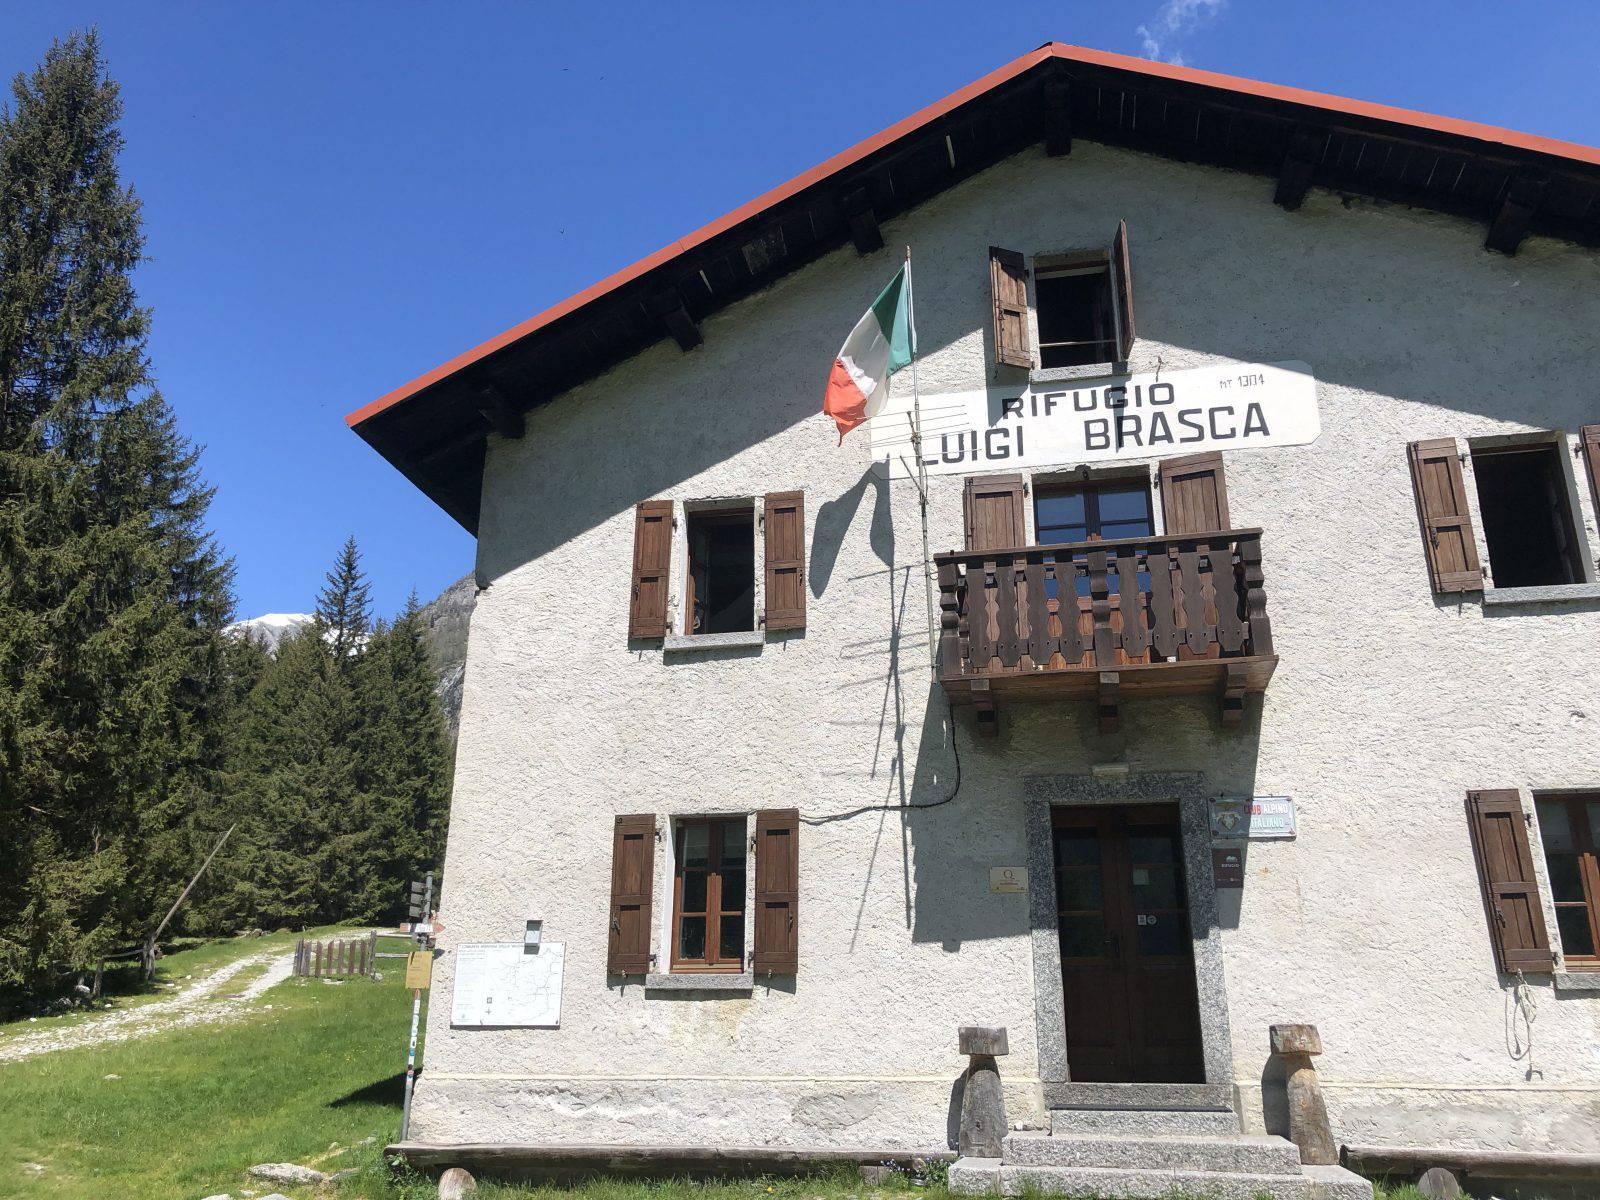 Il rifugio Brasca, del CAI Milano, a quota 1300 in Val Codera